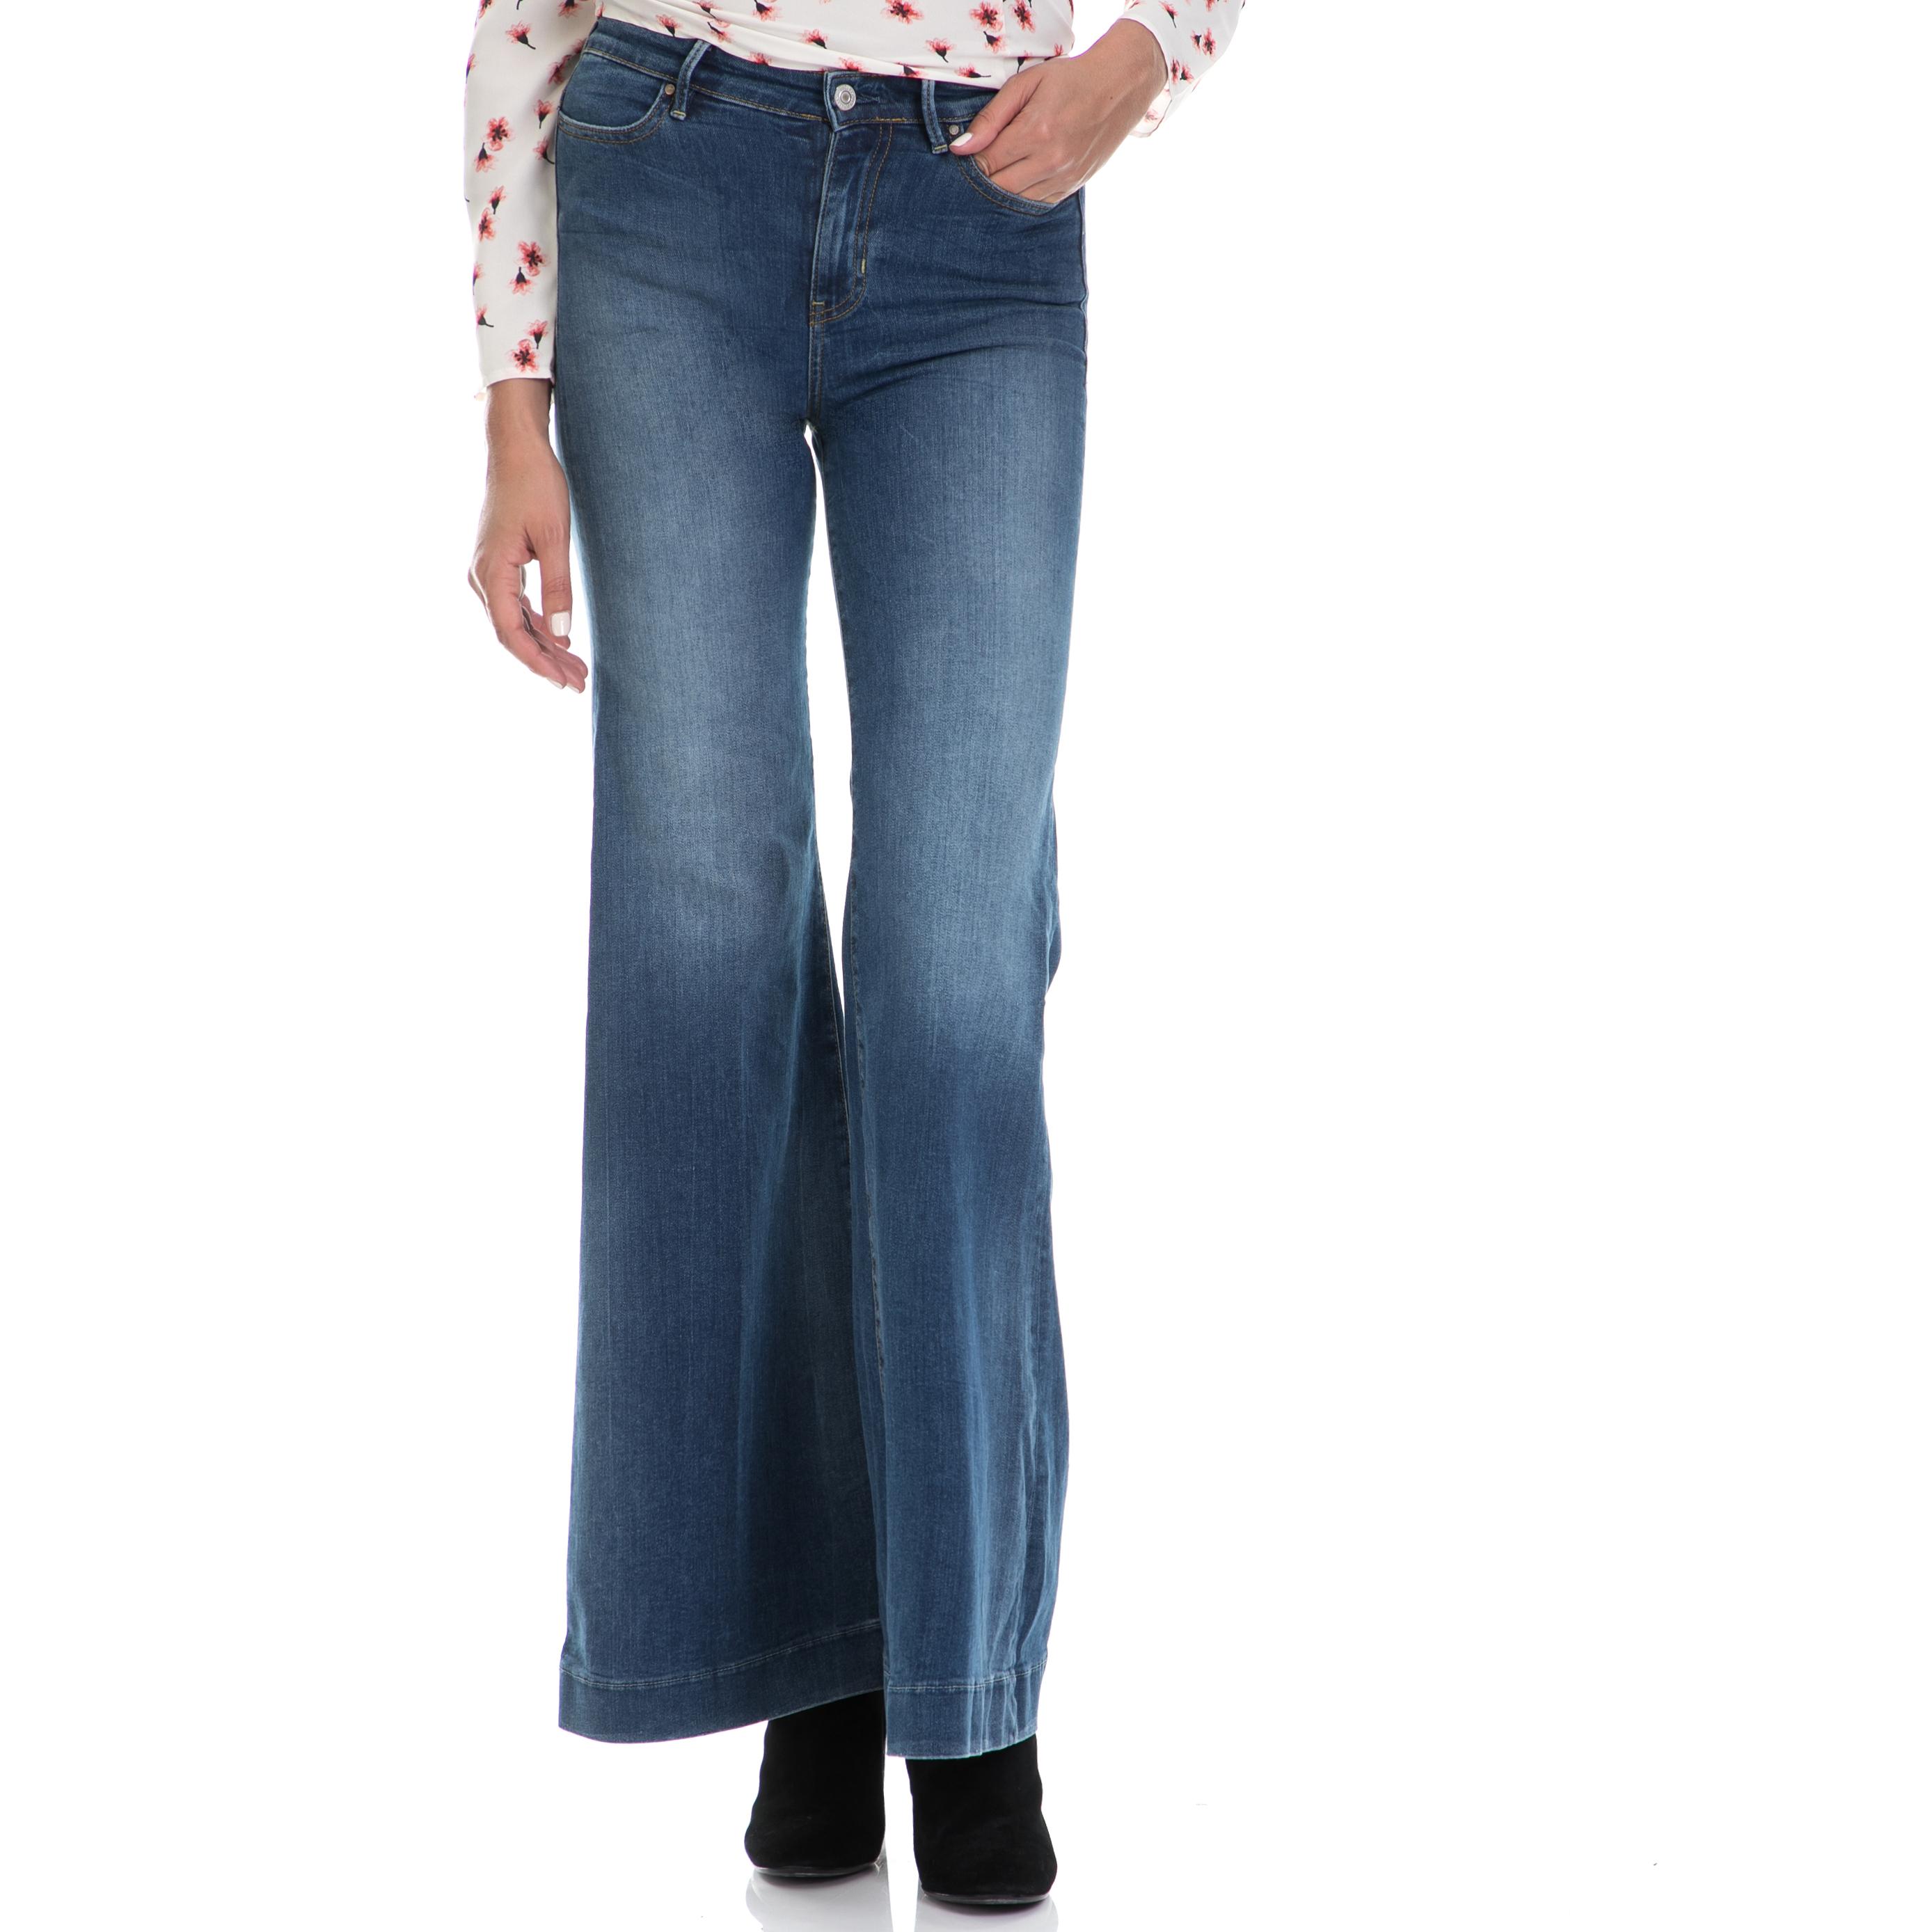 GUESS – Γυναικείο τζιν παντελόνι GAS μπλε